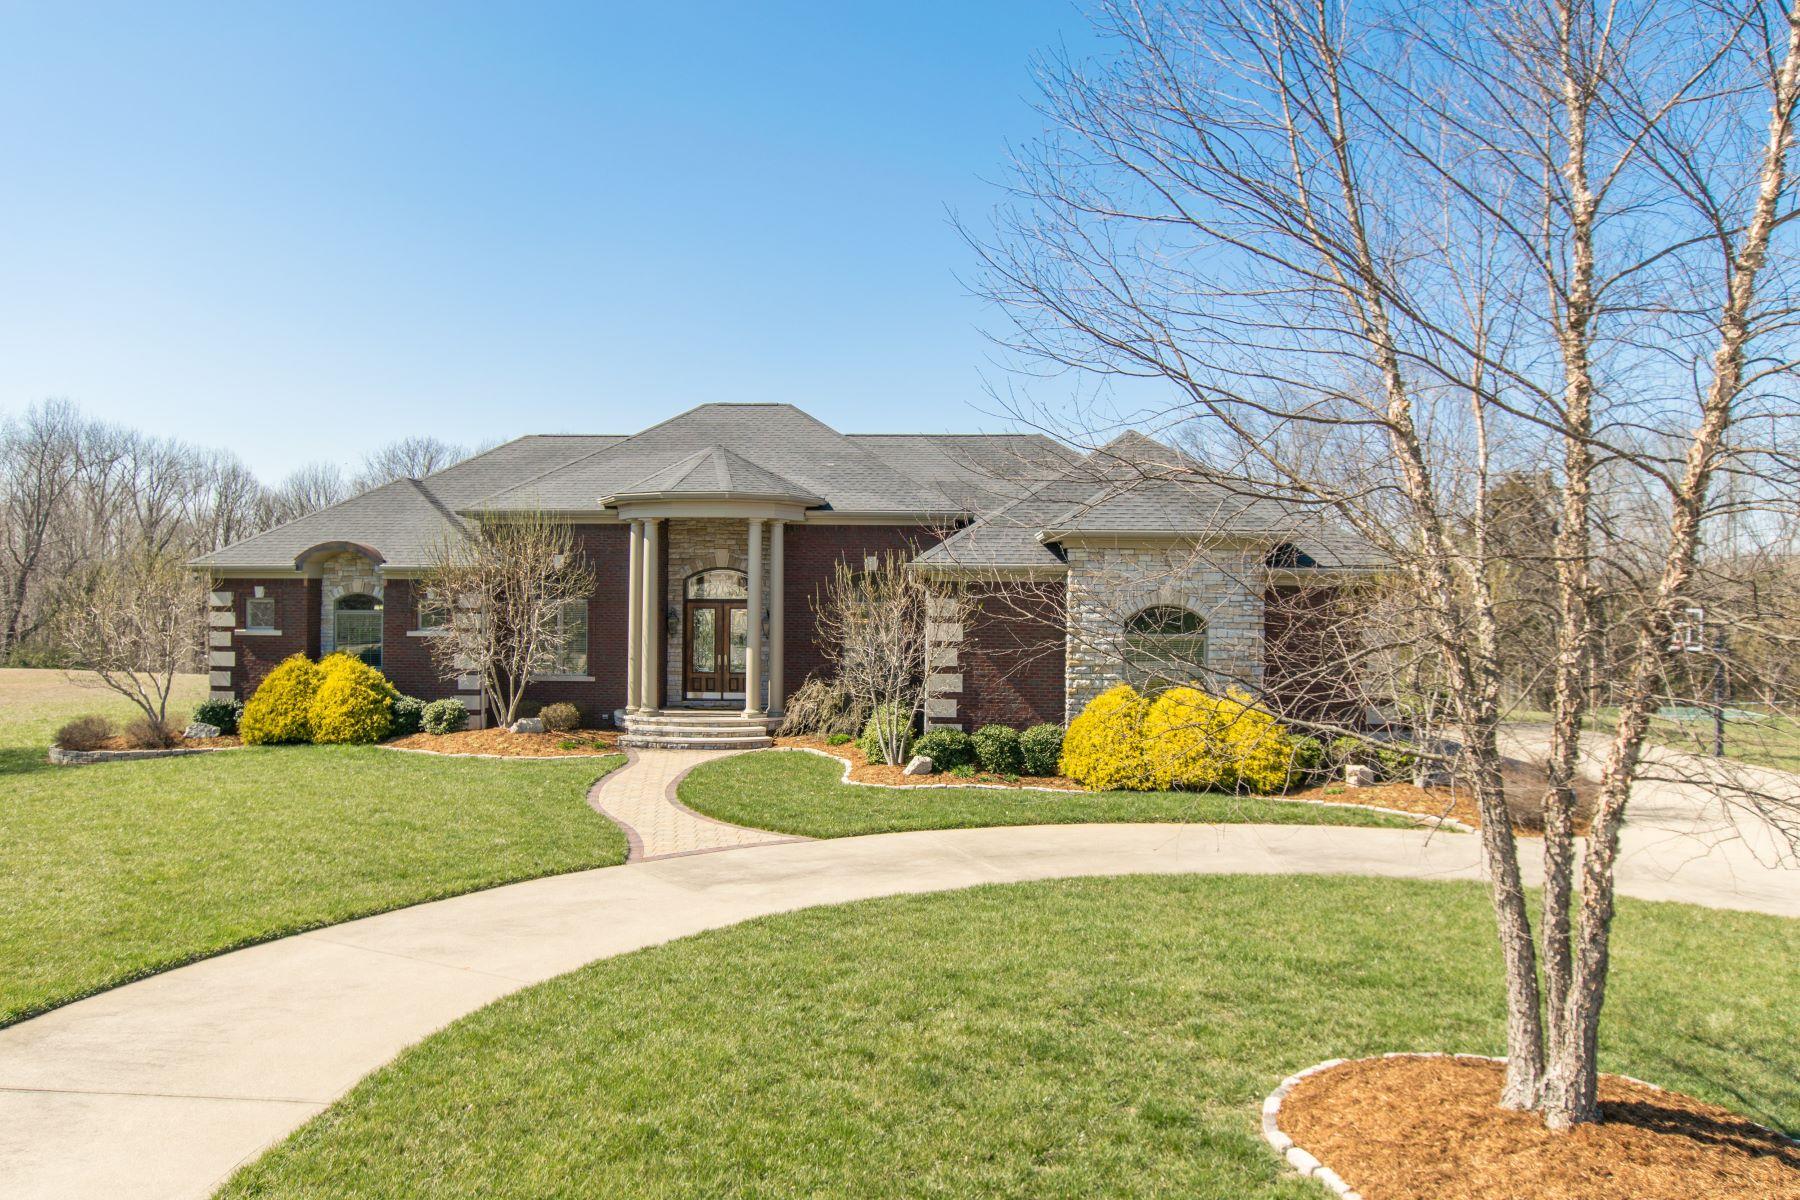 Maison unifamiliale pour l Vente à 3201 Overlook Ridge Road Prospect, Kentucky, 40059 États-Unis